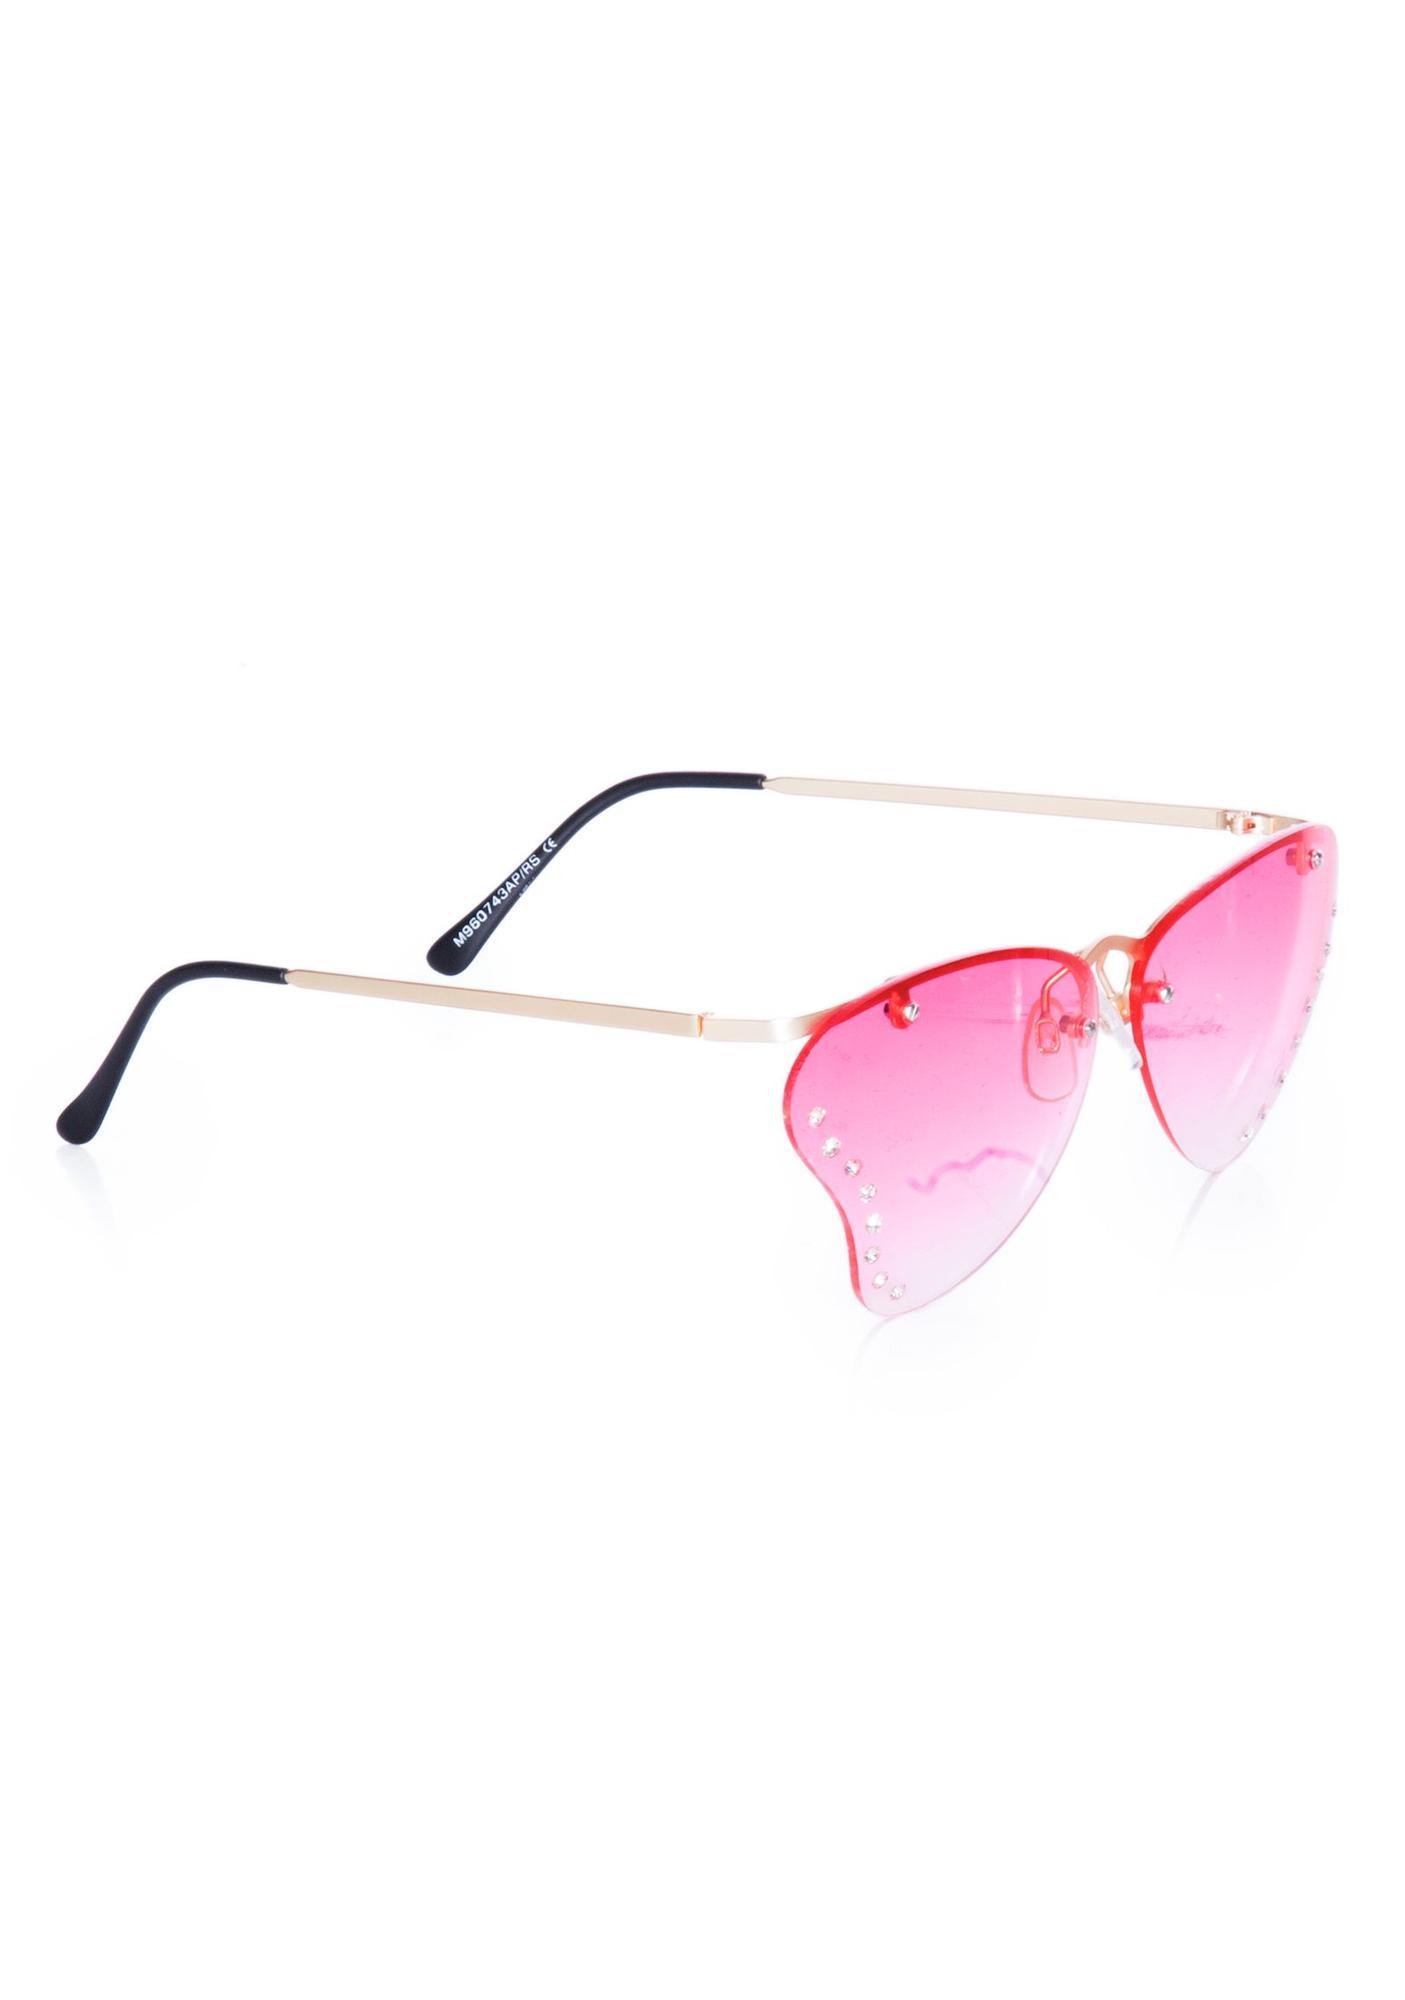 Peekabooda Pink Butterfly Vintage Deadstock Sunglasses